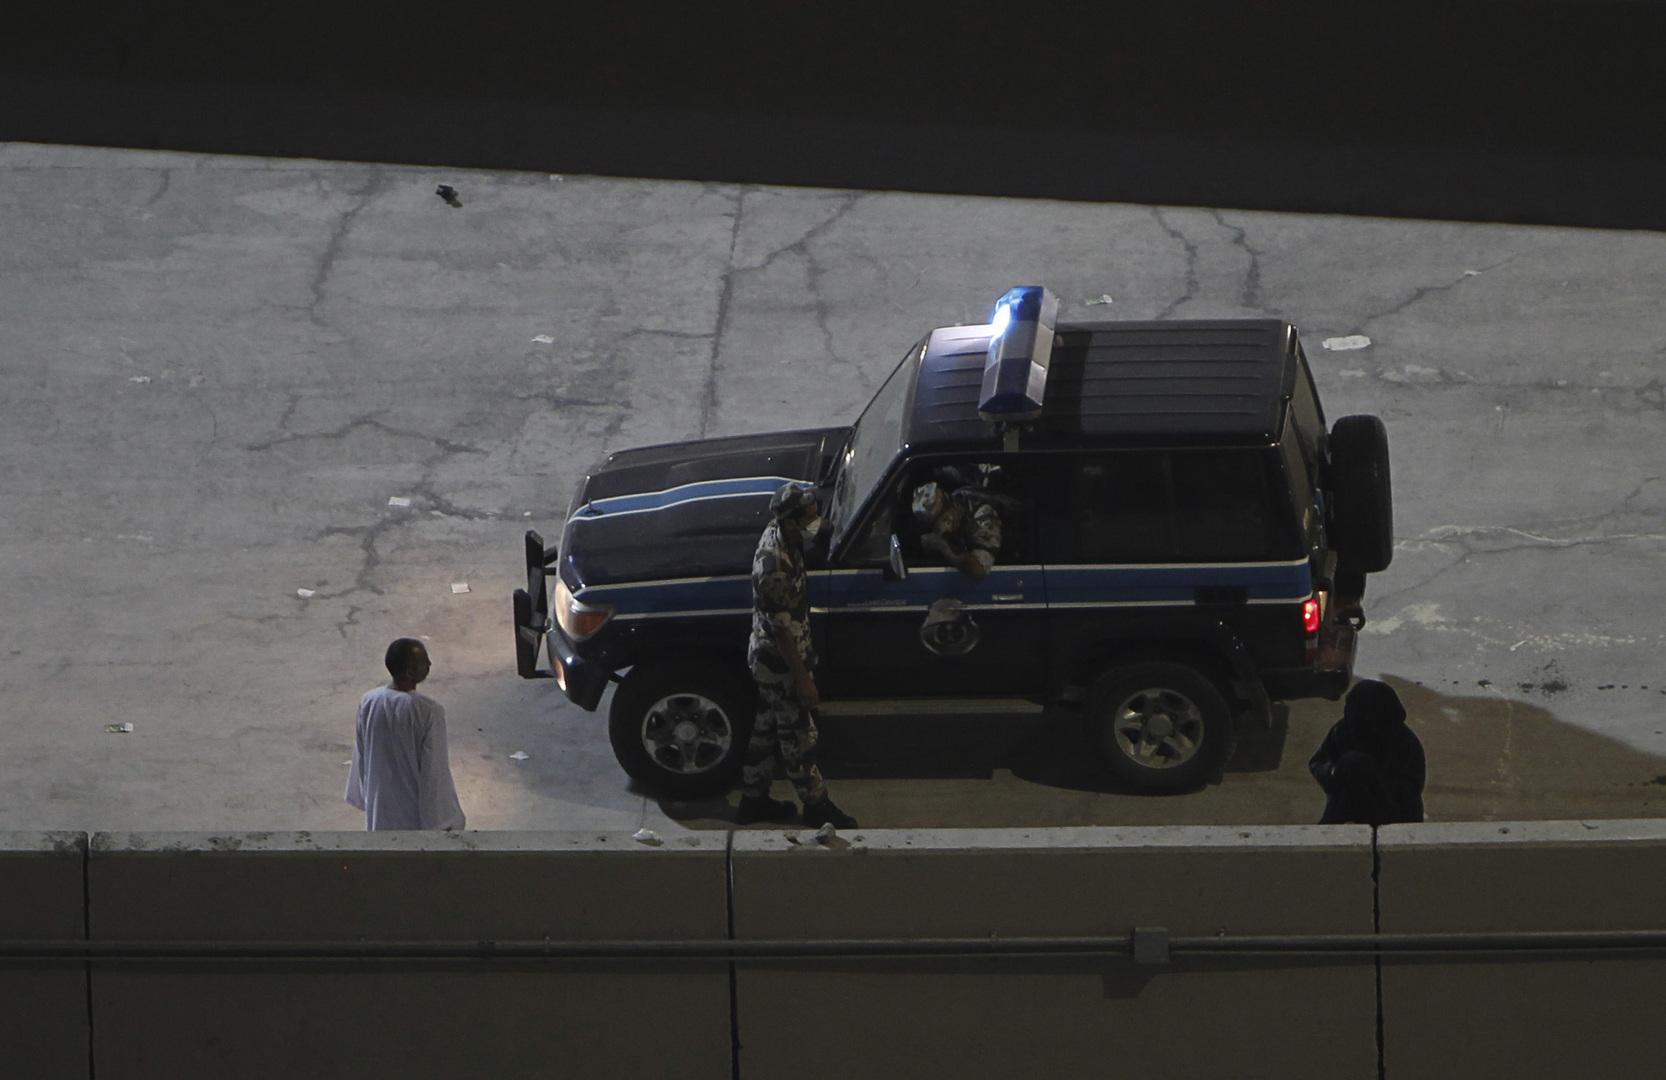 الأمن المصري يقتل 6 مسلحين في سيناء